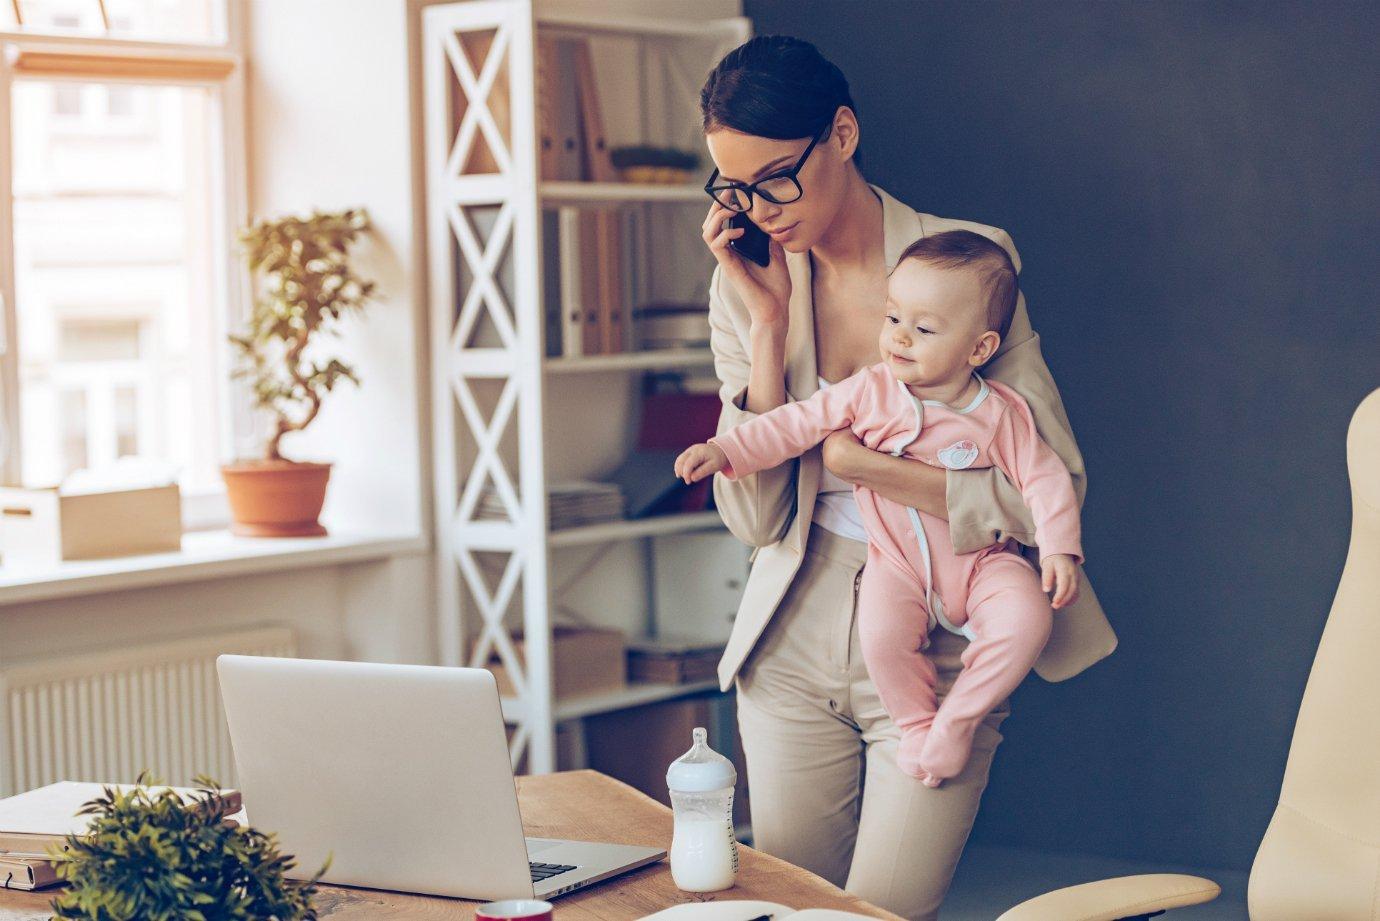 Mãe empreendedora segura bebê enquanto fala ao telefone e usa o computador: trabalho de casa, home office